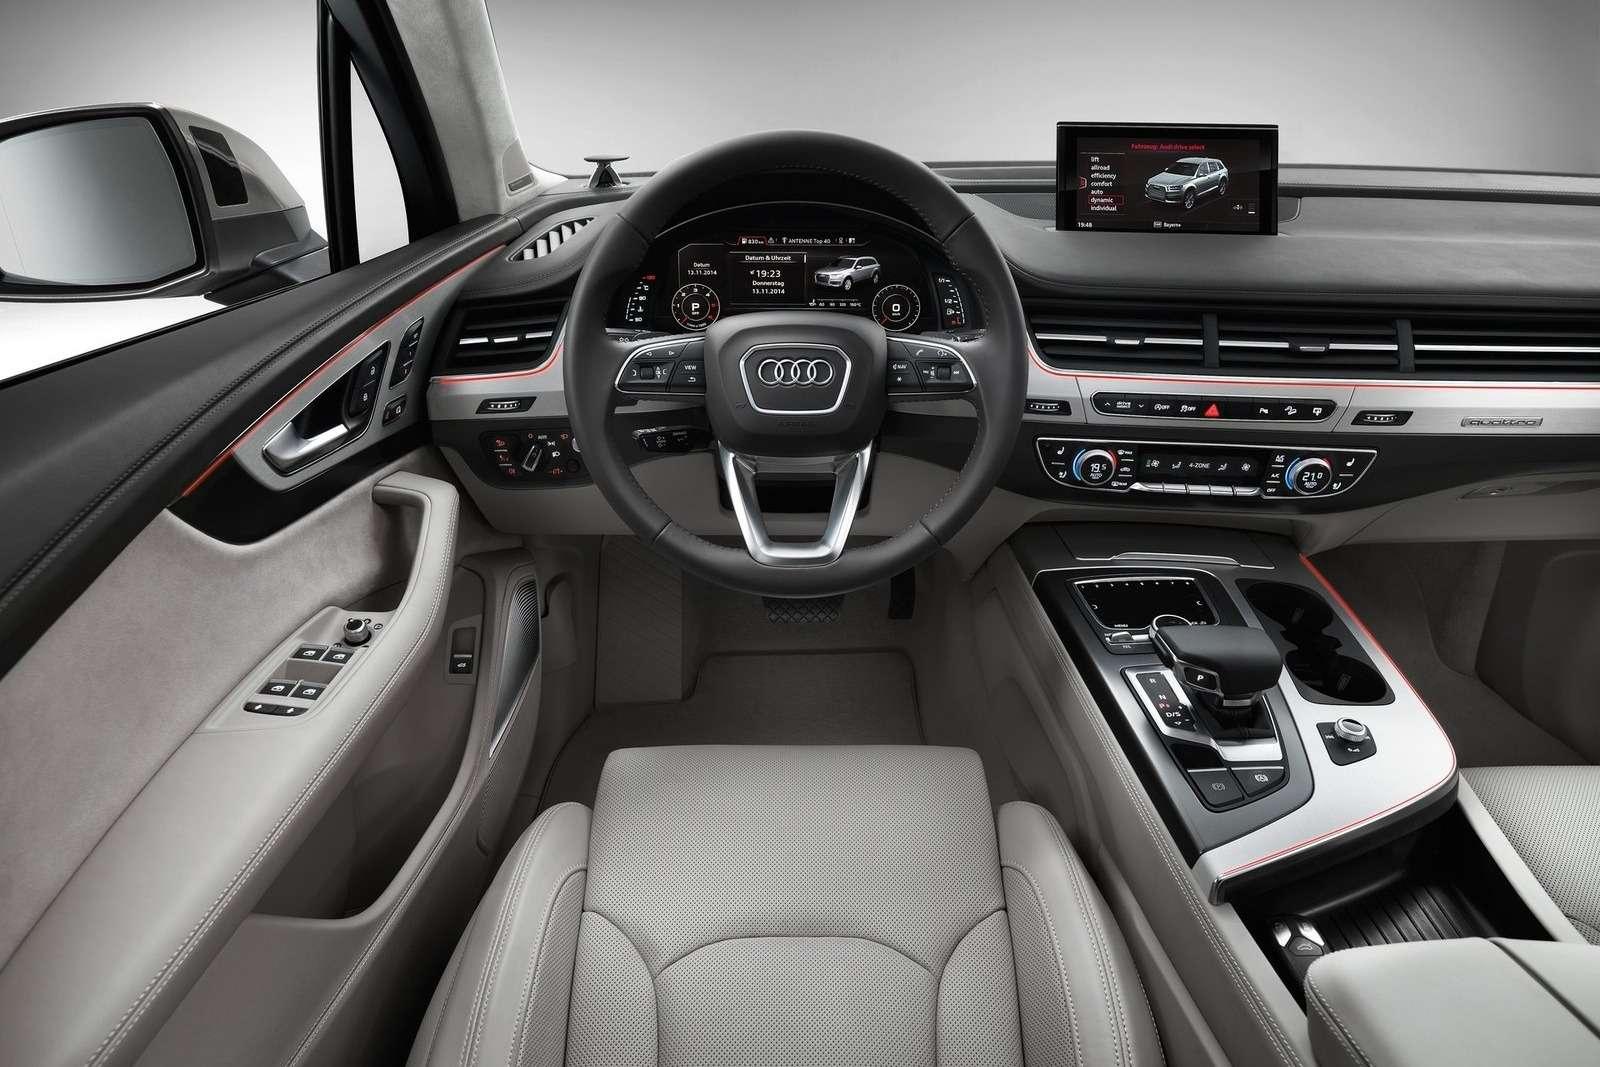 Audi-Q7_2016_1600x1200_wallpaper_1a